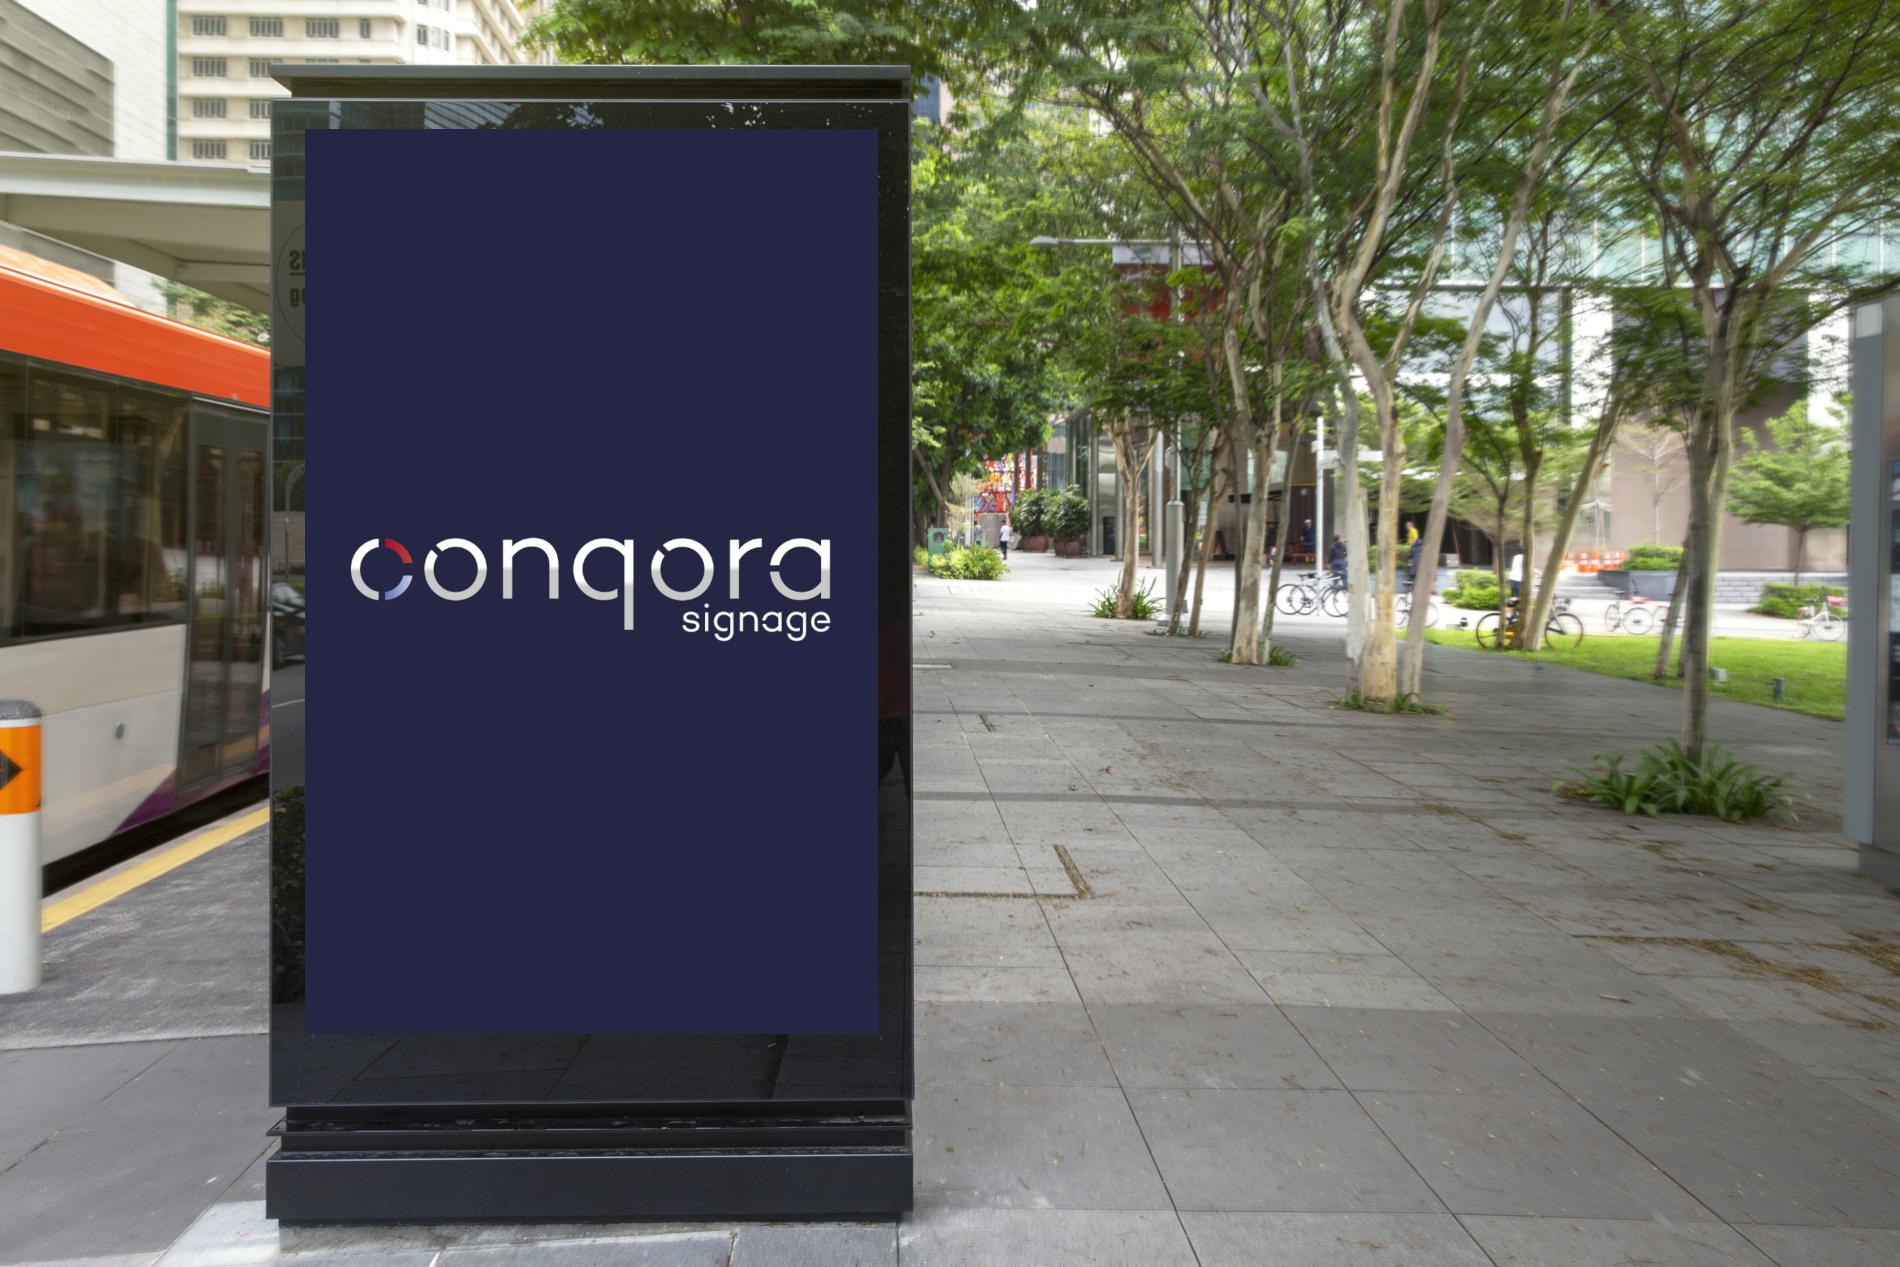 Digital Media blank advertising billboard in the bus stop, blank